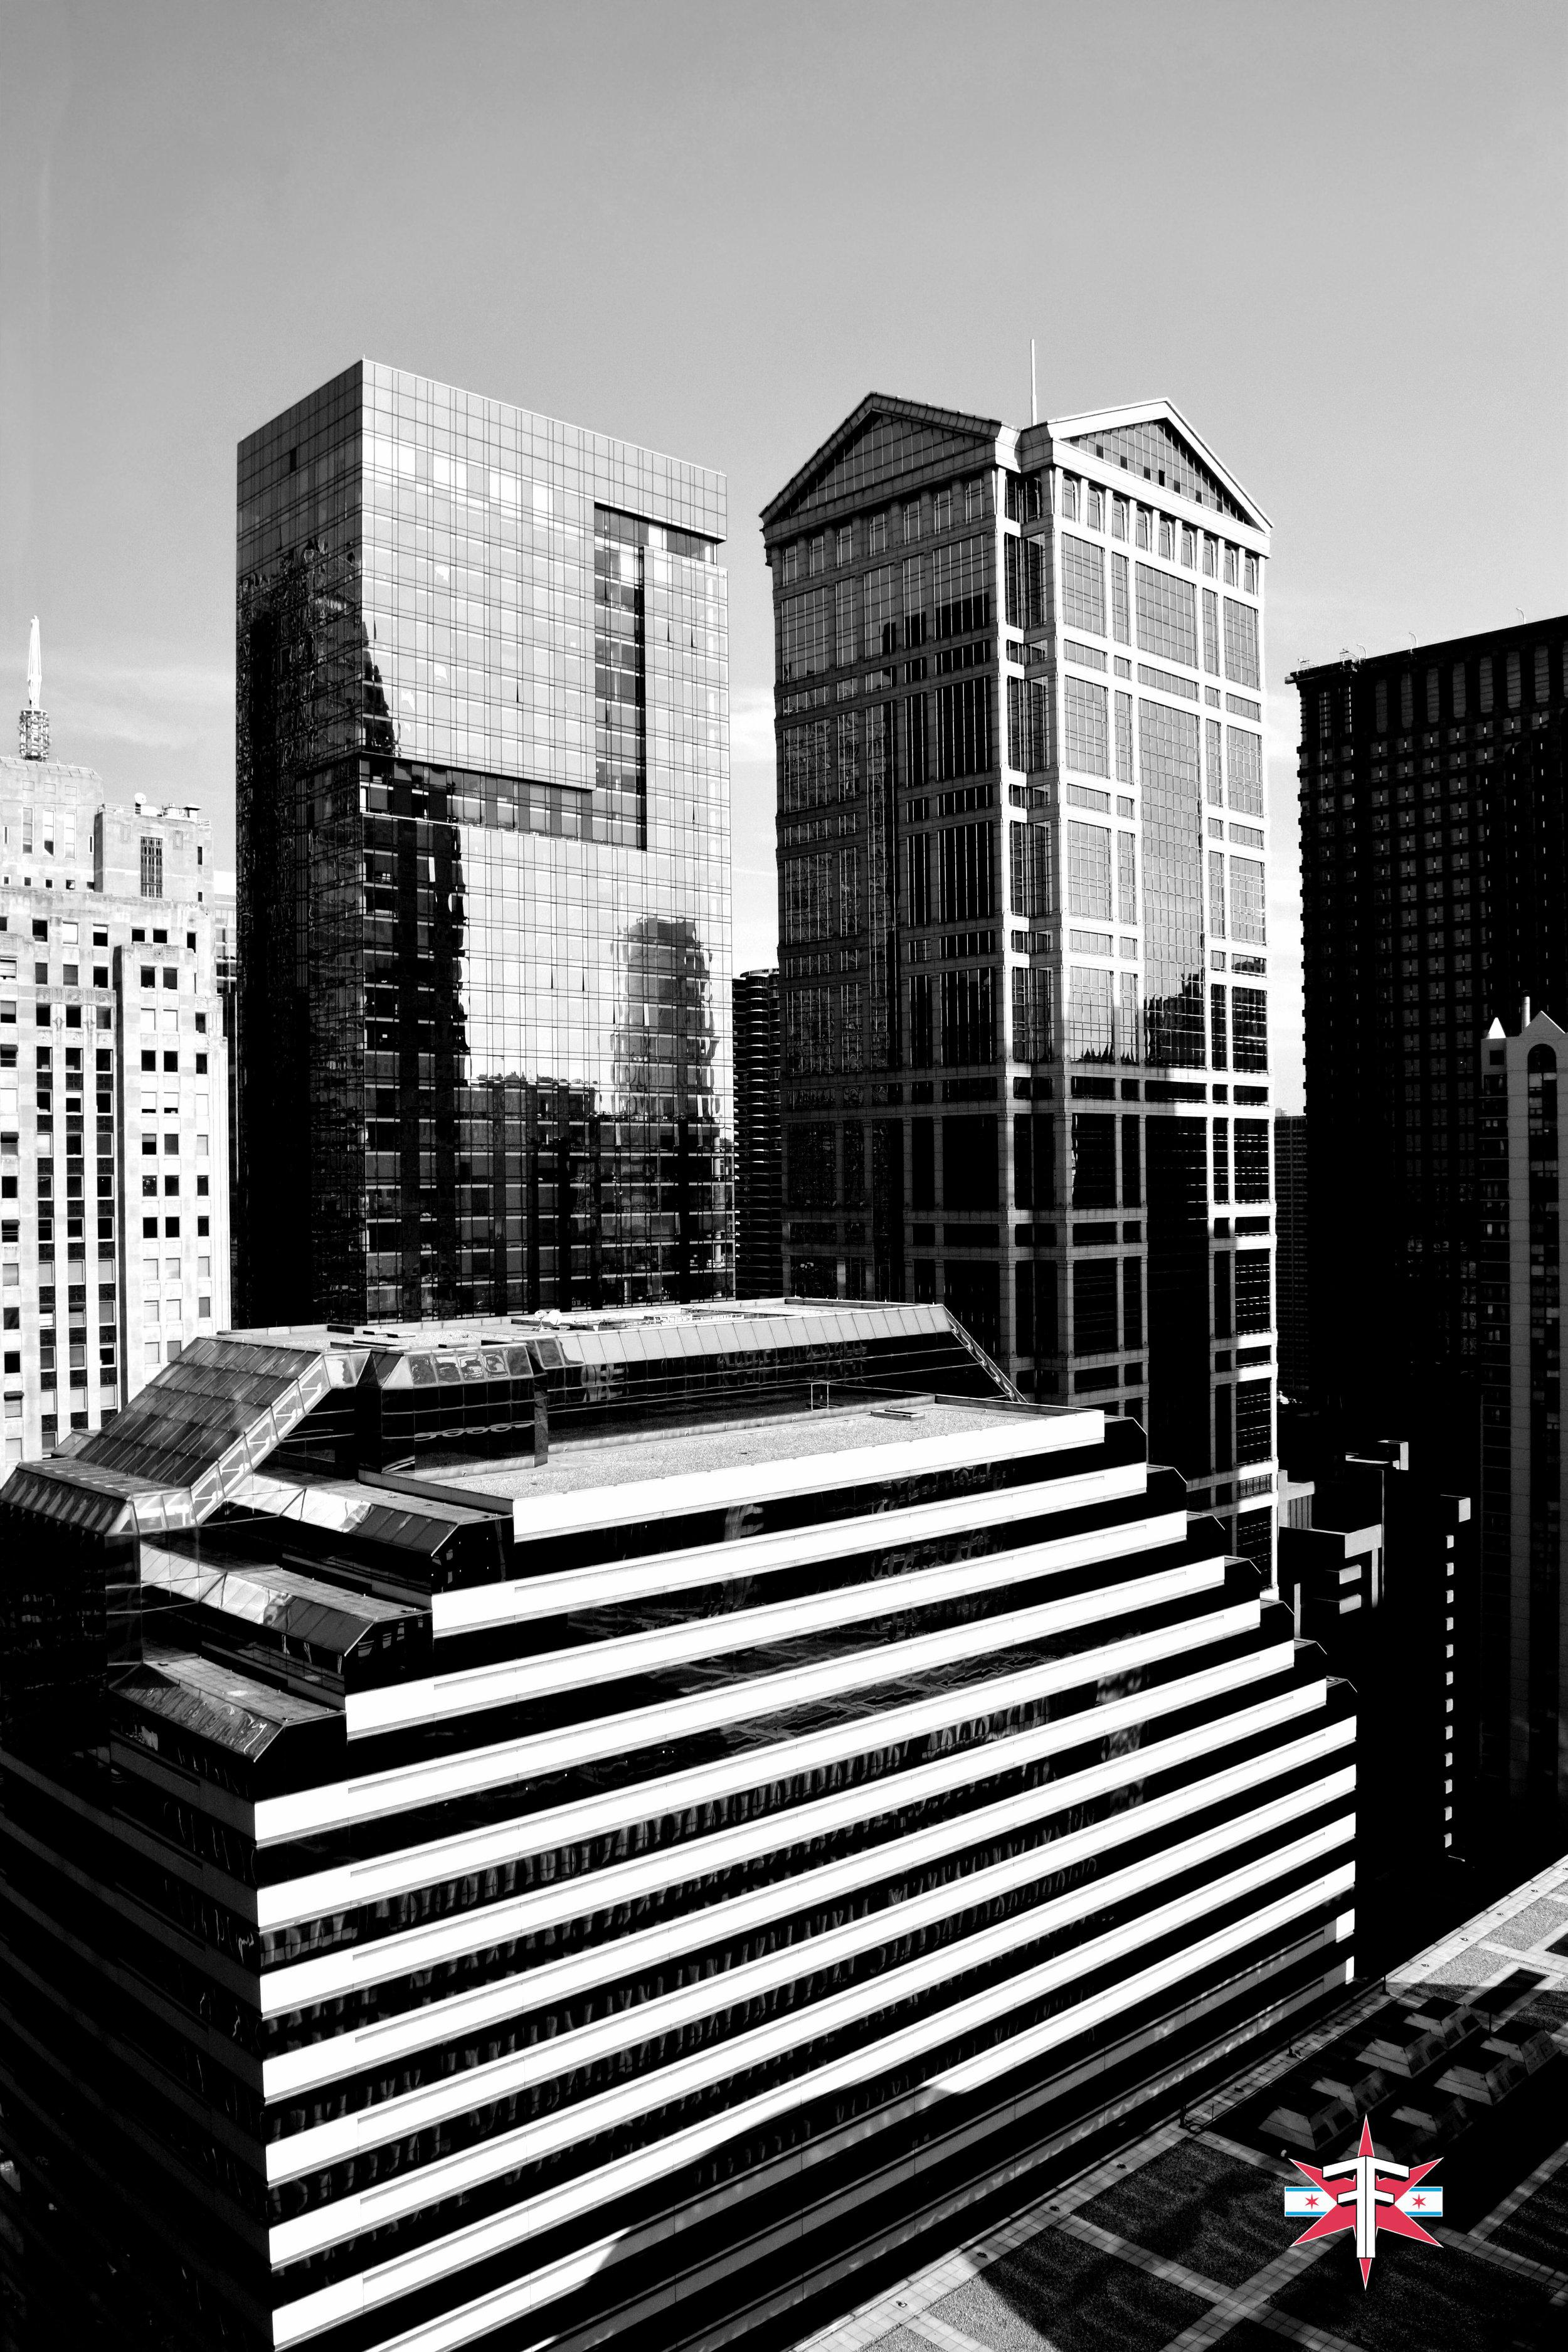 chicago art architecture eric formato photography design arquitectura architettura buildings skyscraper skyscrapers-3.jpg